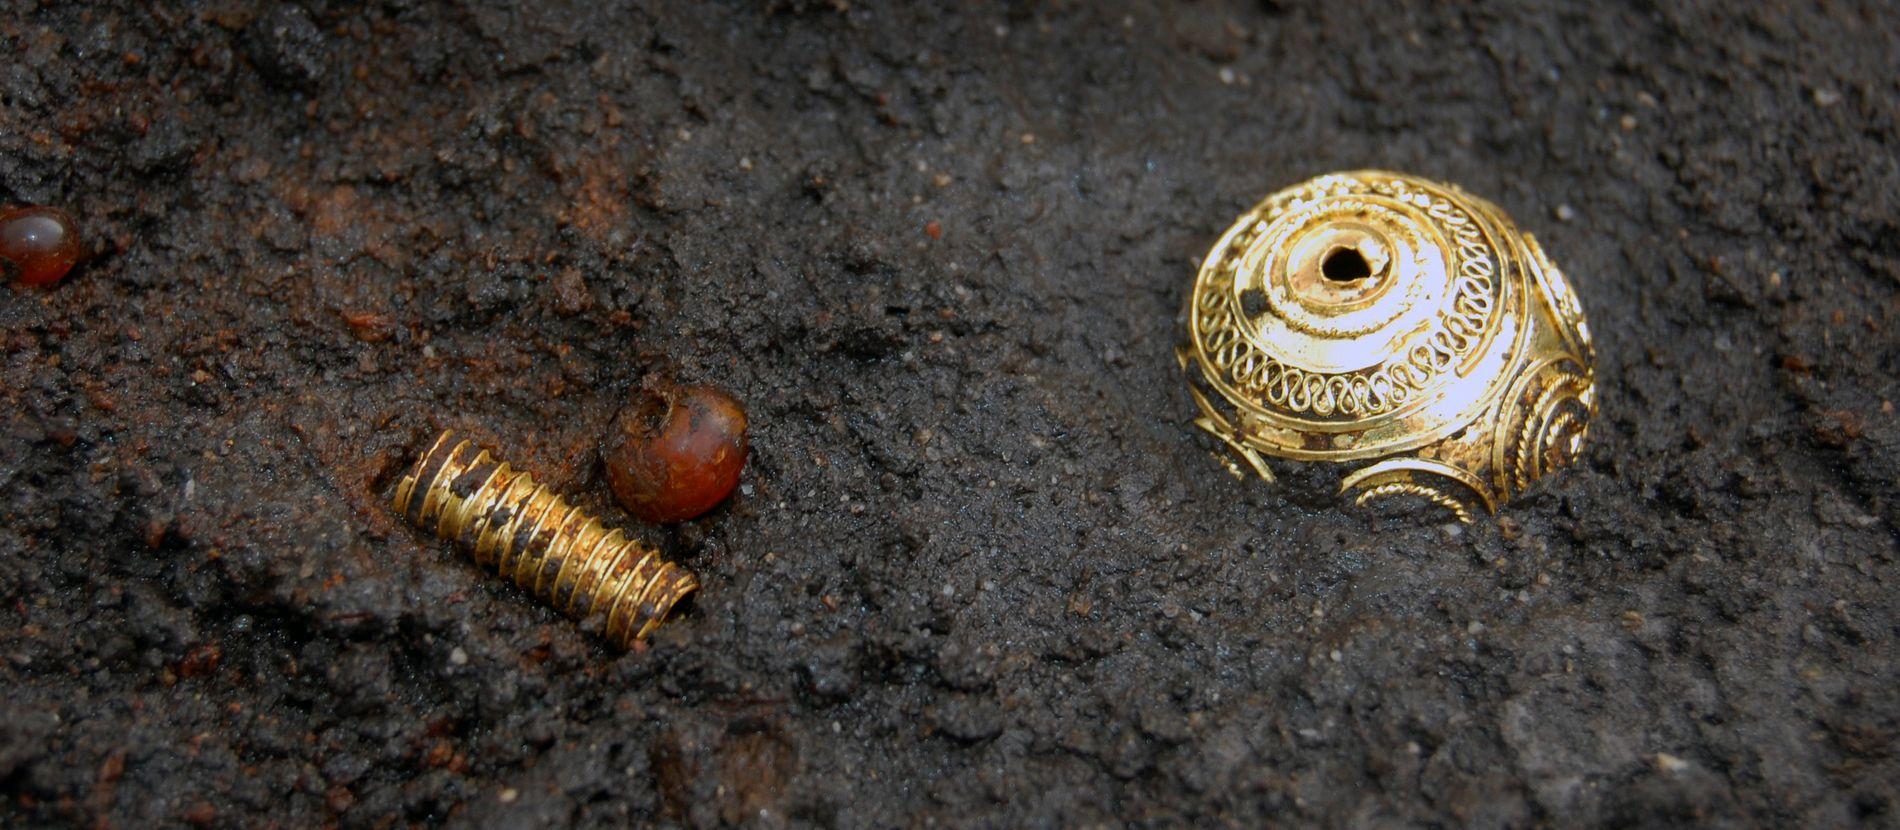 Goldperle aus dem Grab einer Keltenfürstin